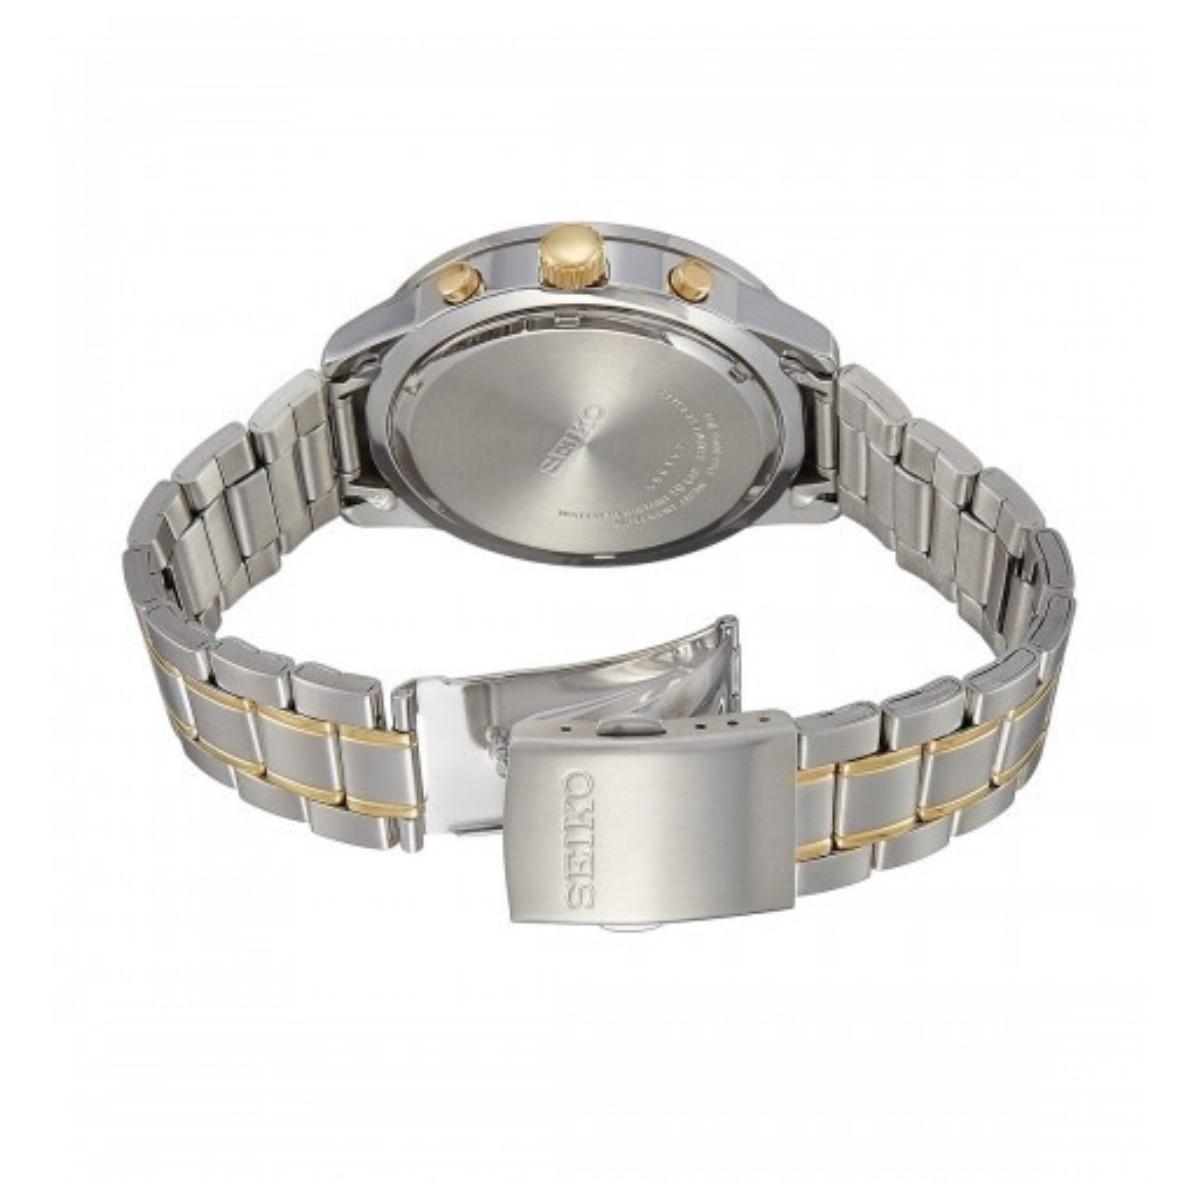 ساعت مچی عقربه ای مردانه سیکو مدل SKS589P1